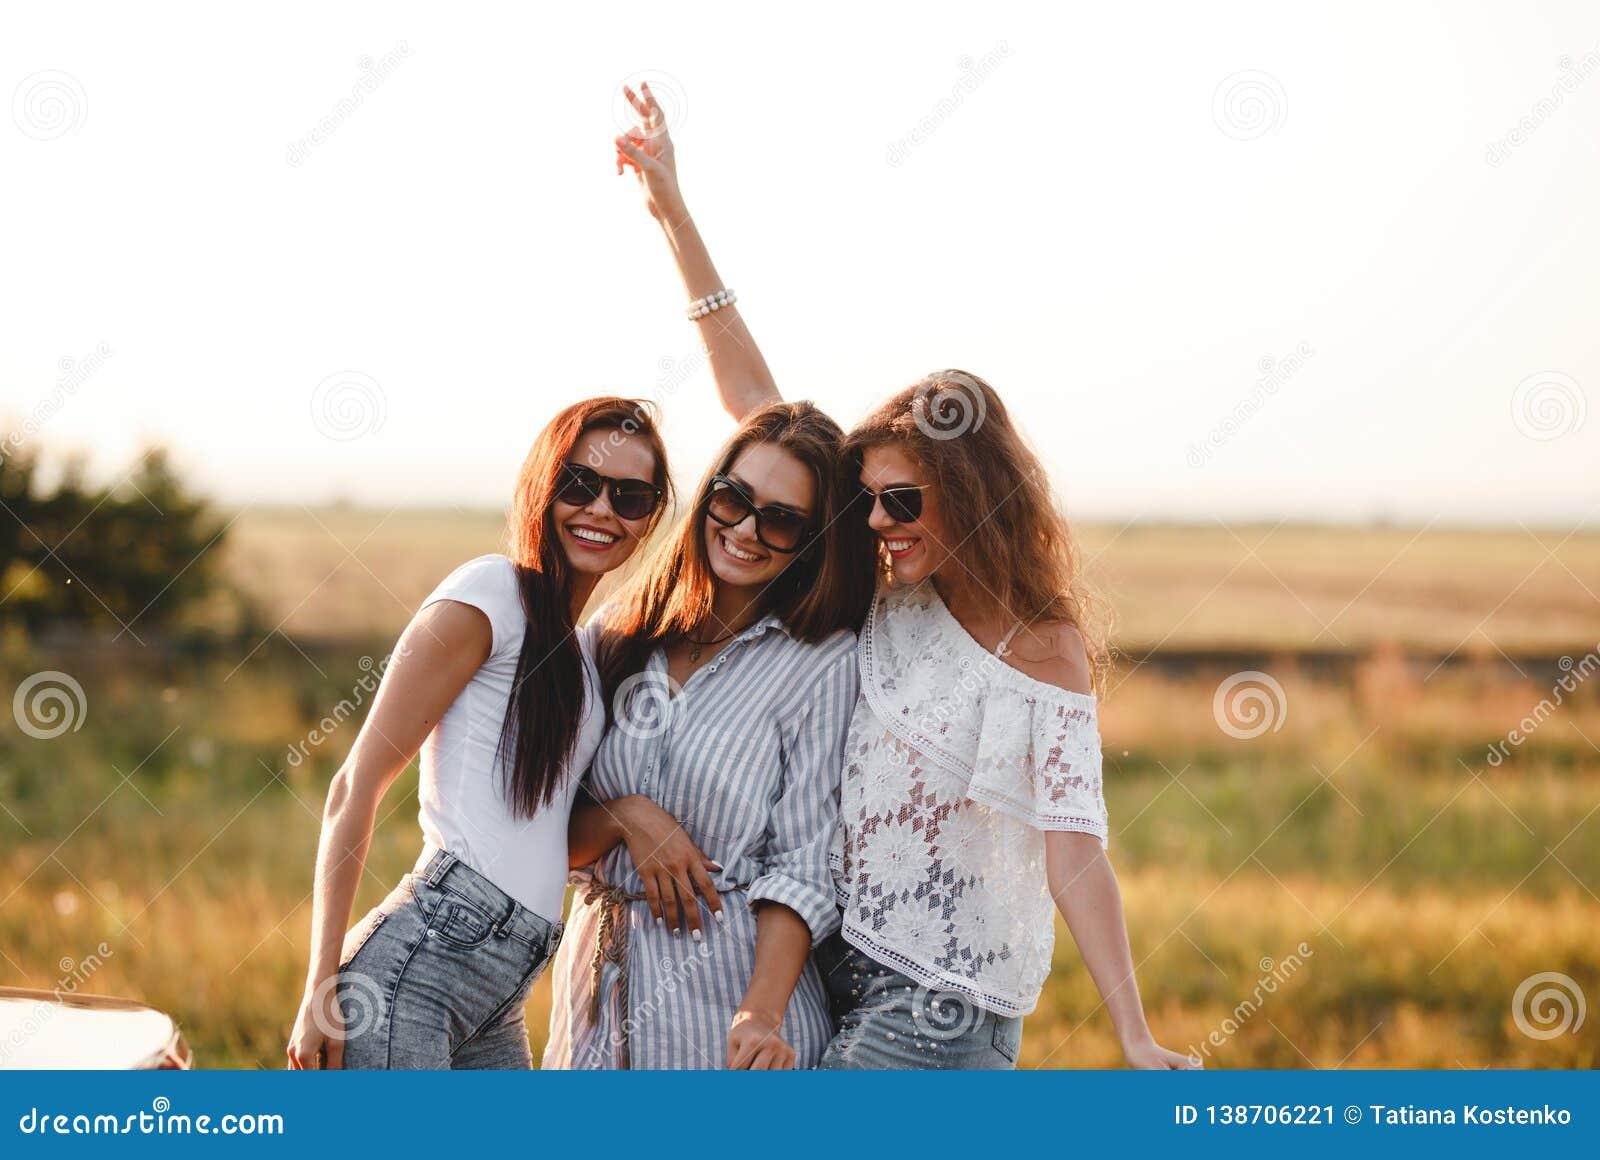 Trois jeunes femmes magnifiques dans des lunettes de soleil se tiennent dans le domaine et le sourire un jour ensoleillé